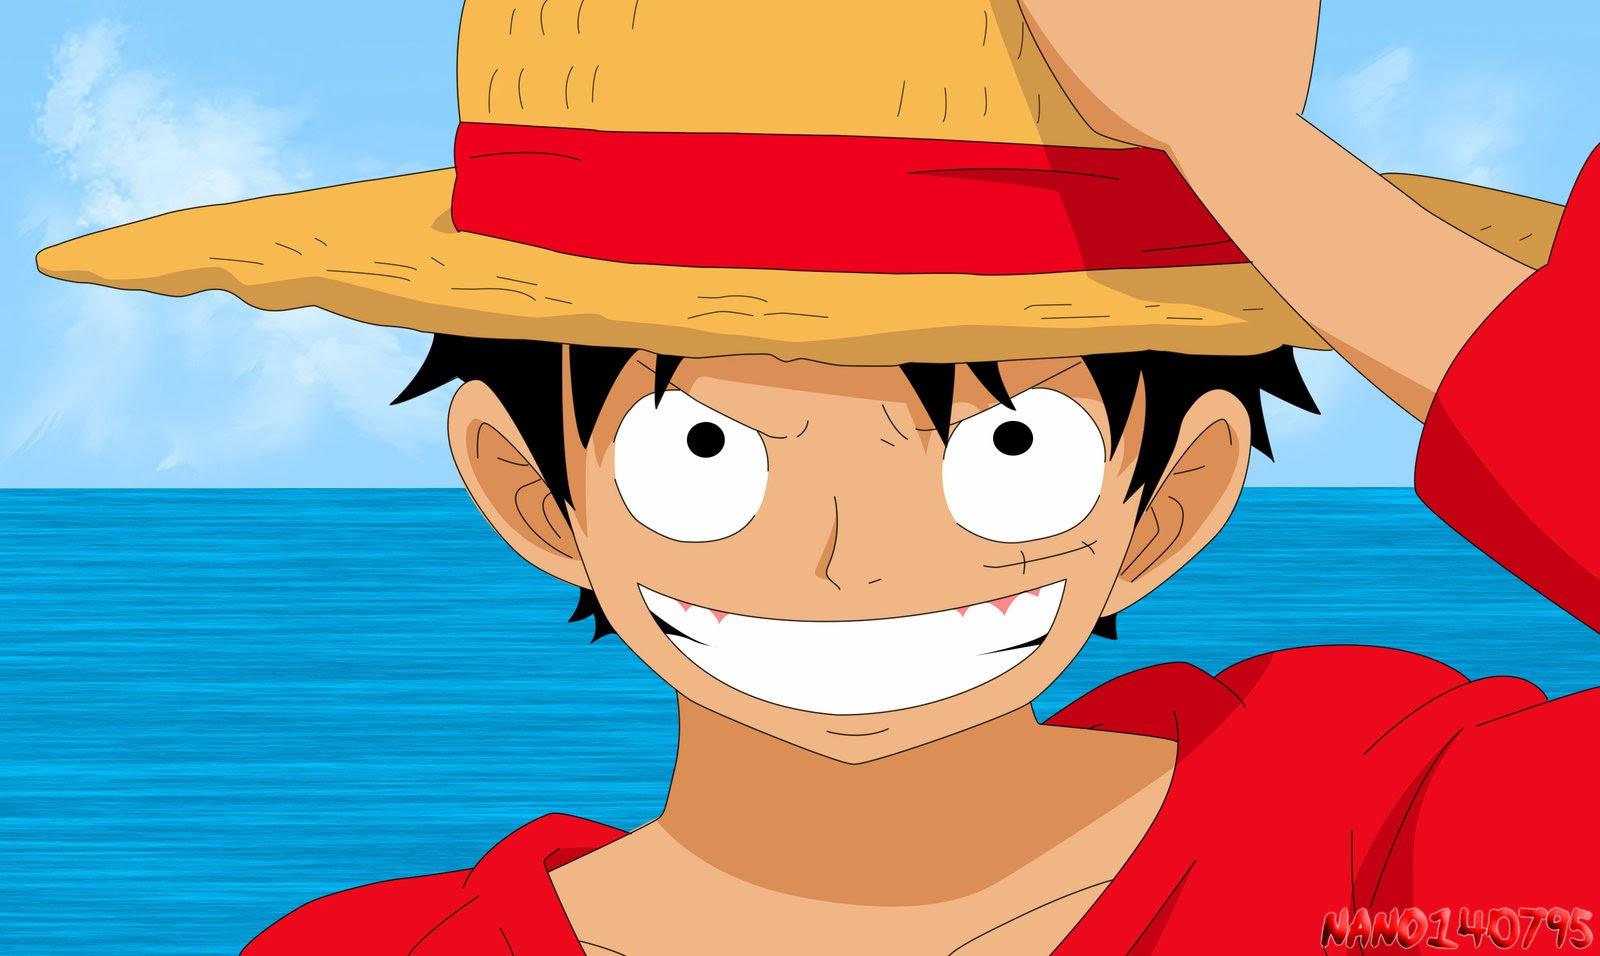 Asal usul luka di bawah mata kiri Luffy (One Piece)